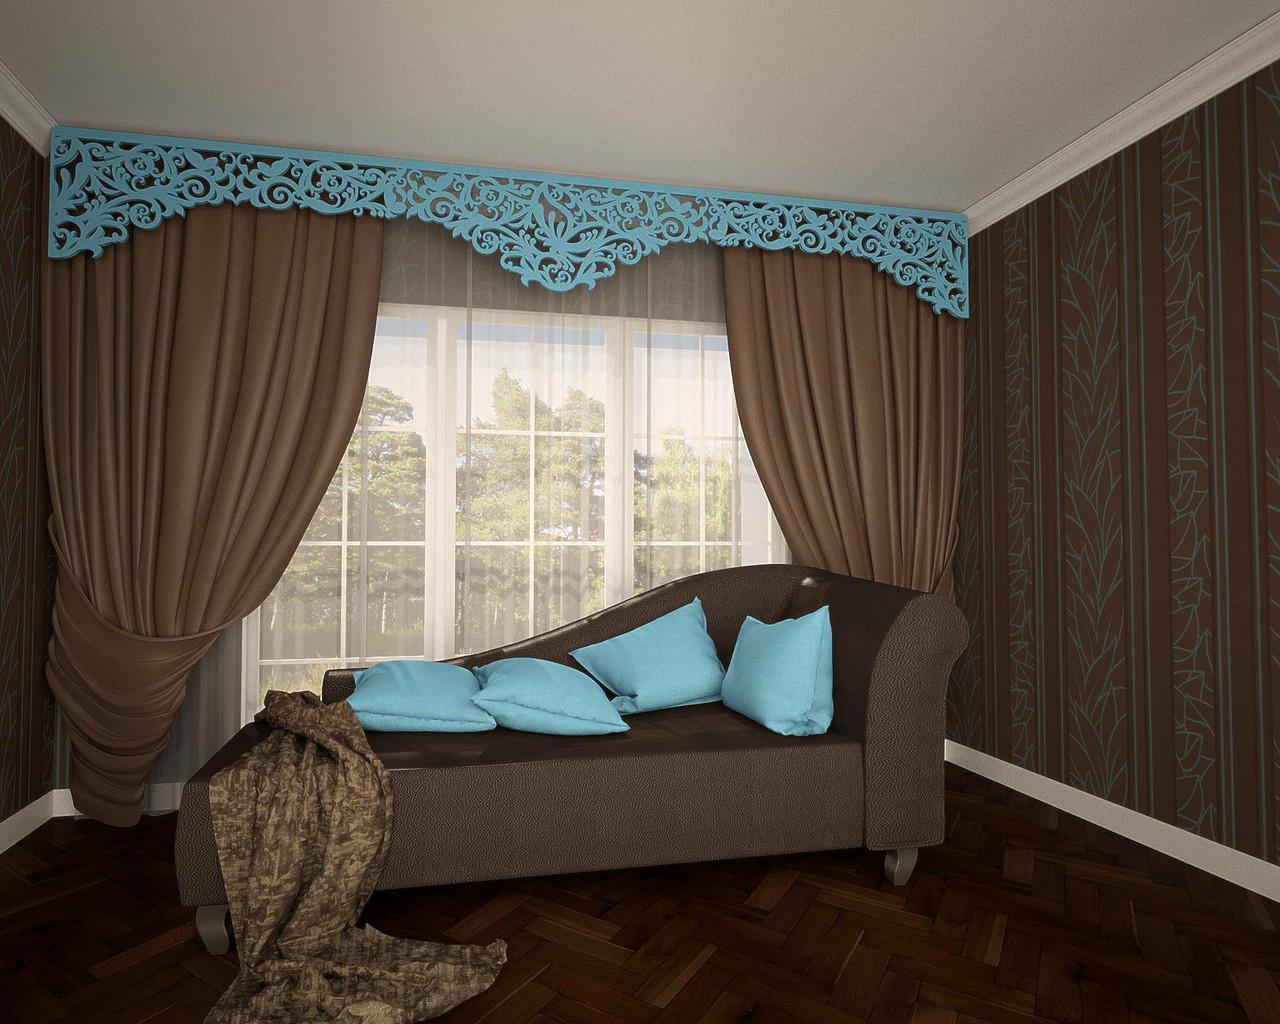 Сочетание ламбрекенов с текстилем штор